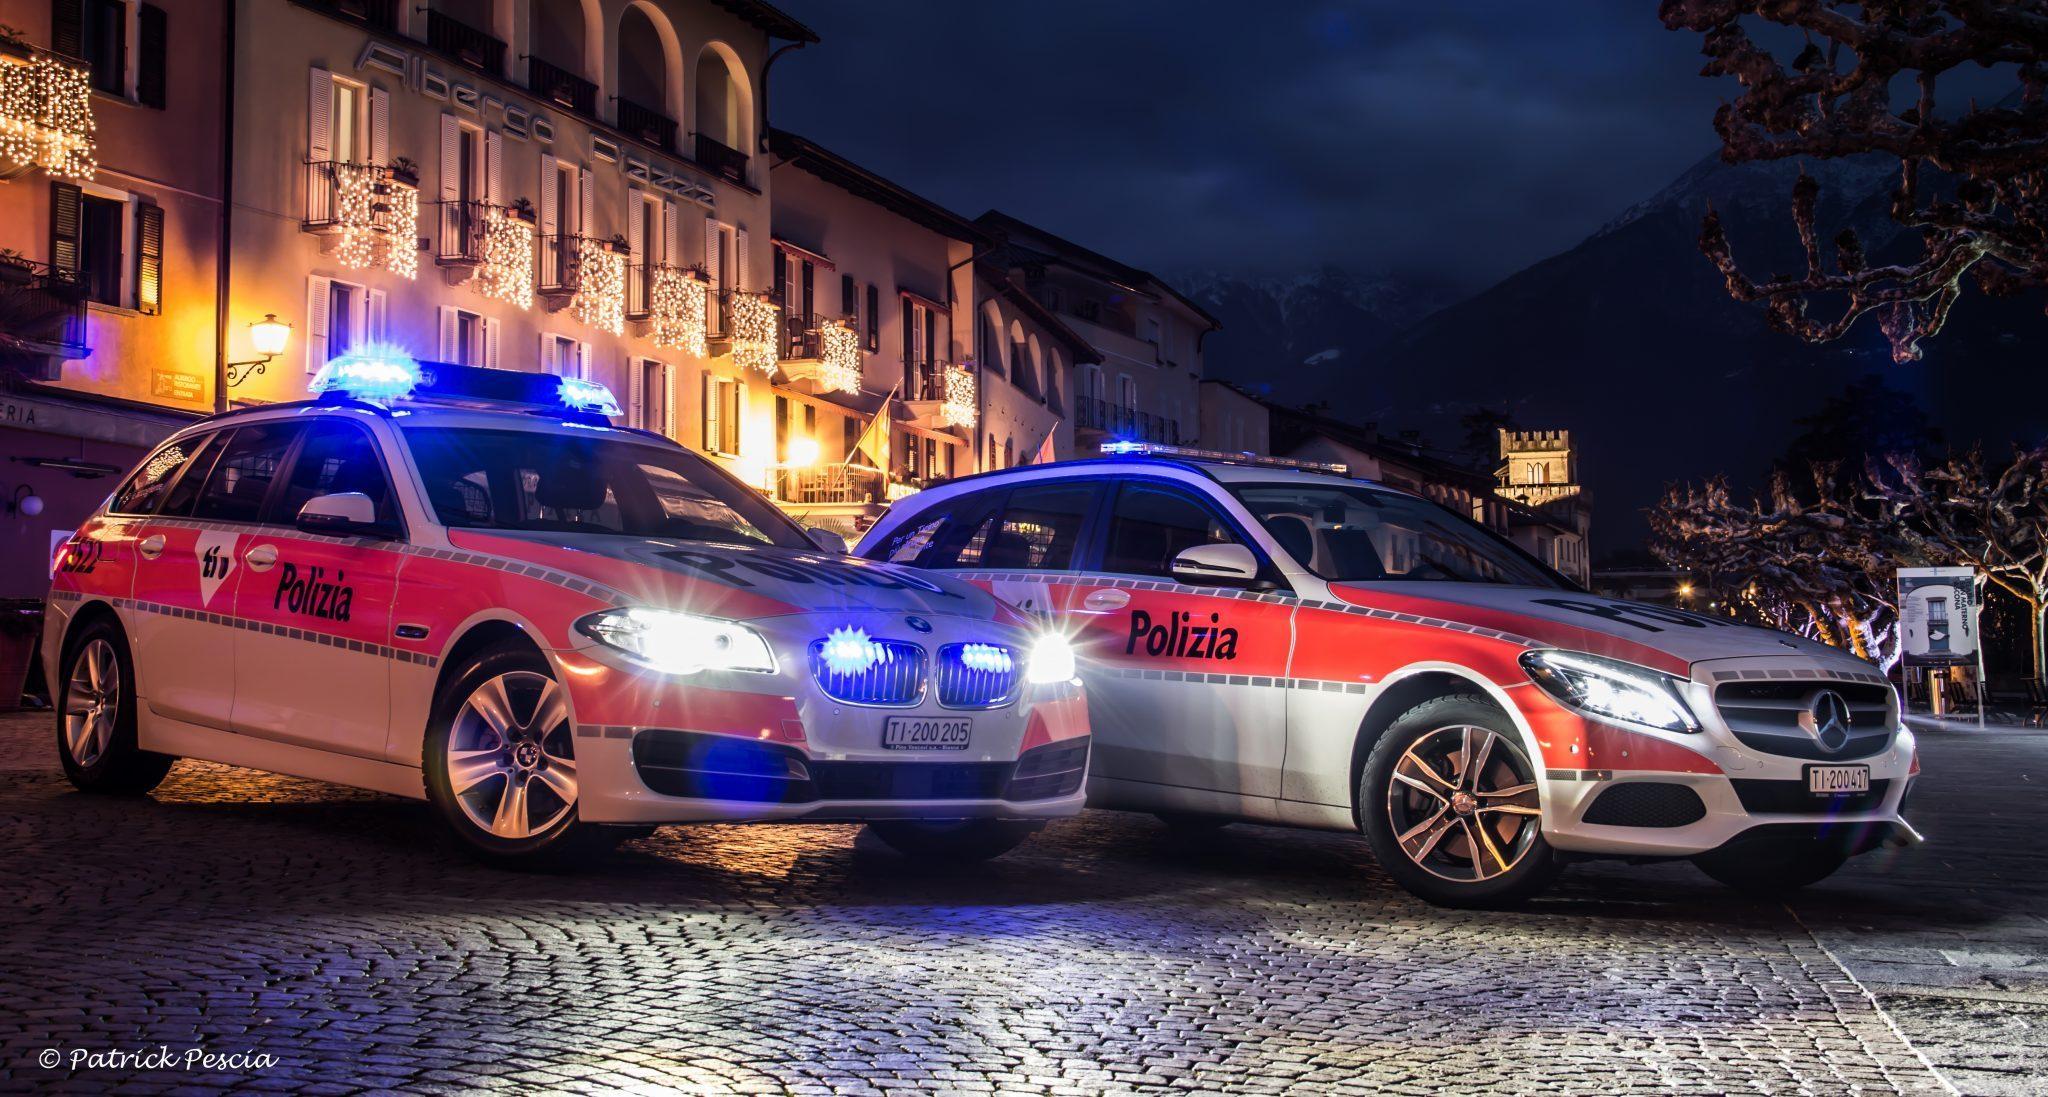 Centro di pronto intervento di Mendrisio: contributo del Cantone per gli spazi destinati alla Polizia cantonale